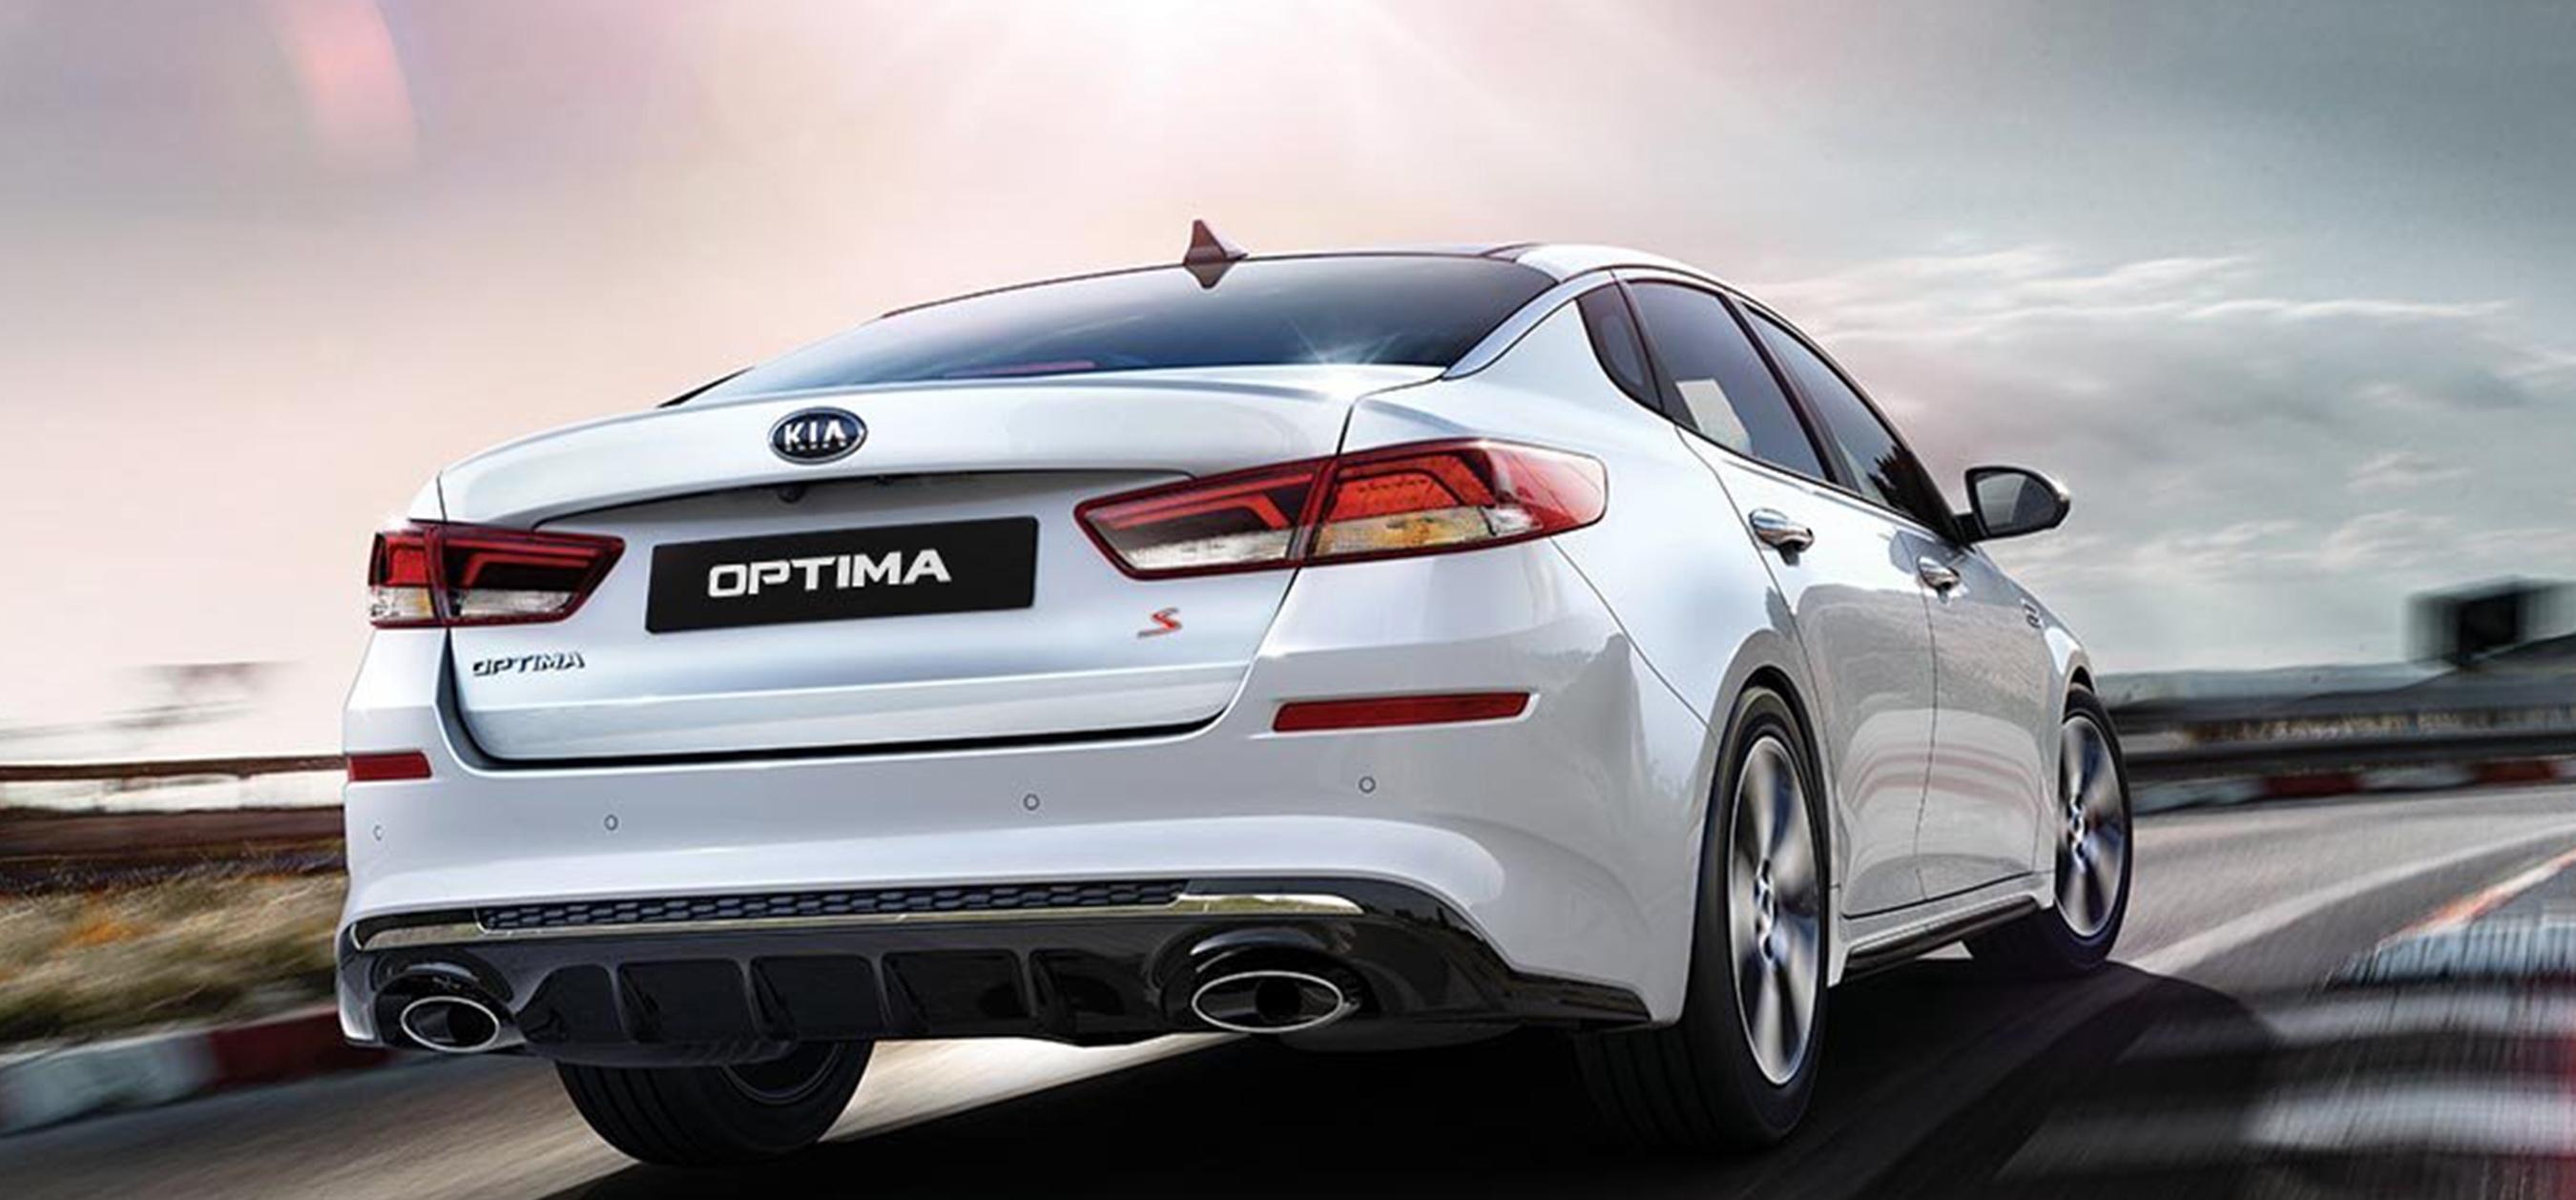 2020 Kia Optima Key Features in San Antonio, TX